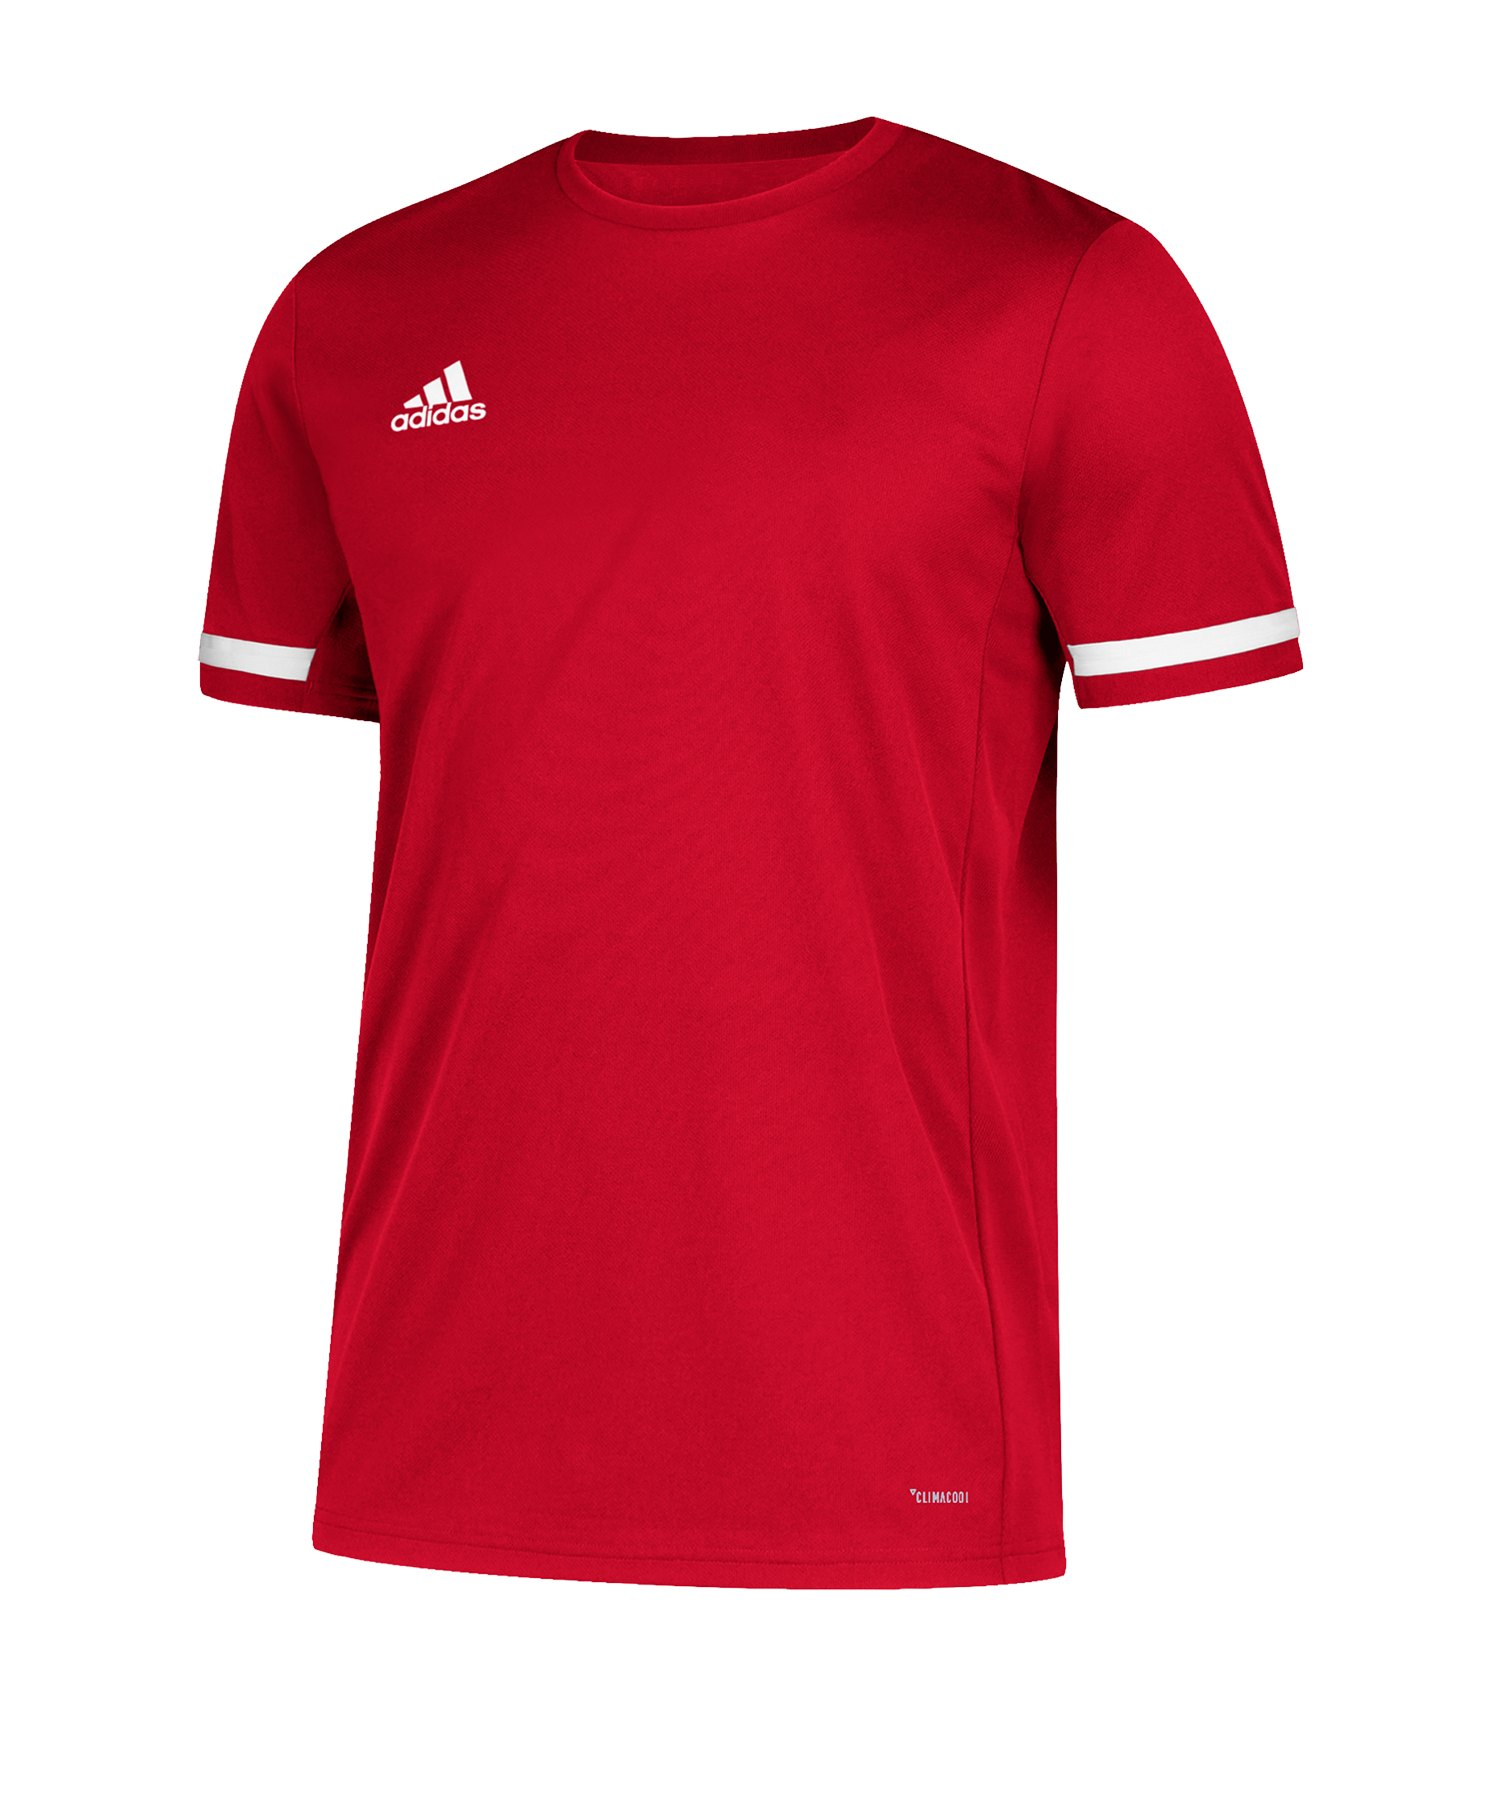 adidas Team 19 Trikot kurzarm Damen Rot Weiss - rot